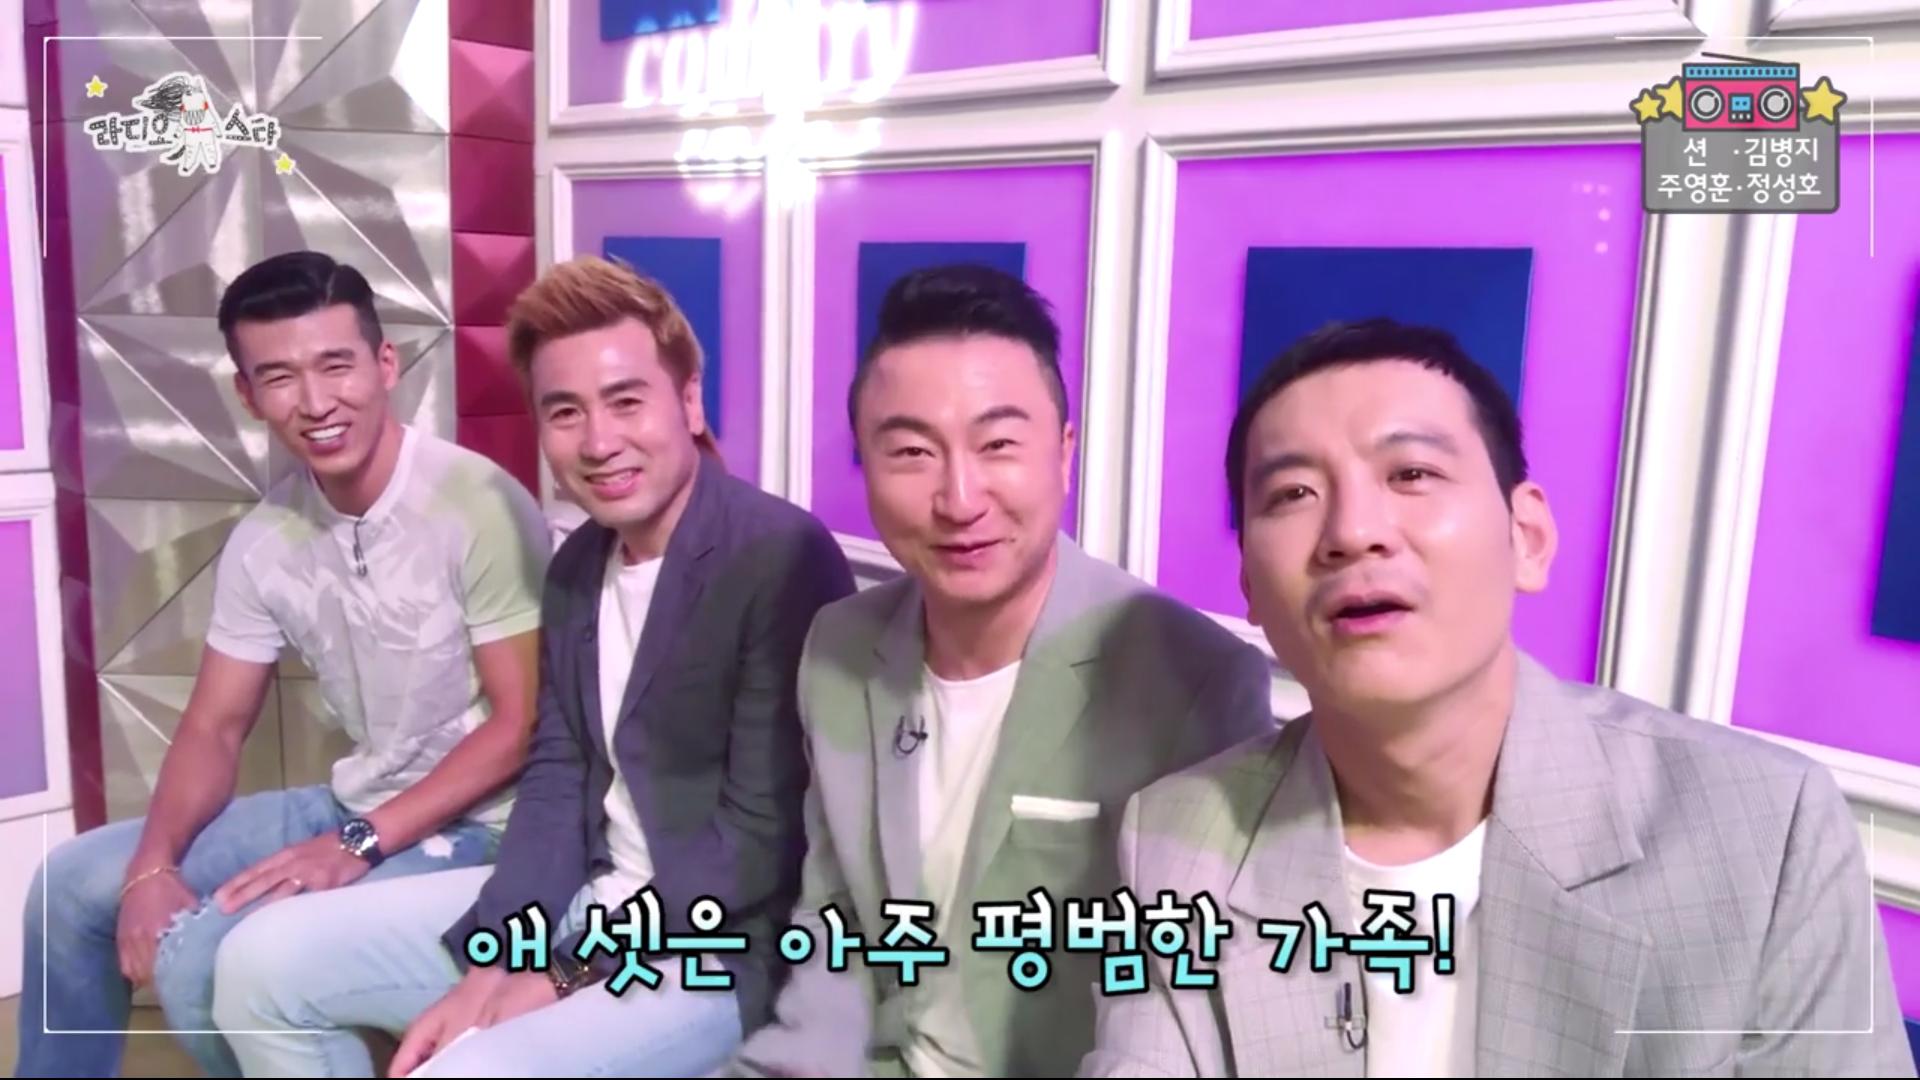 [셀프캠] 션-김병지-주영훈-정성호, 다둥이 아빠들의 현실 육아 토크!